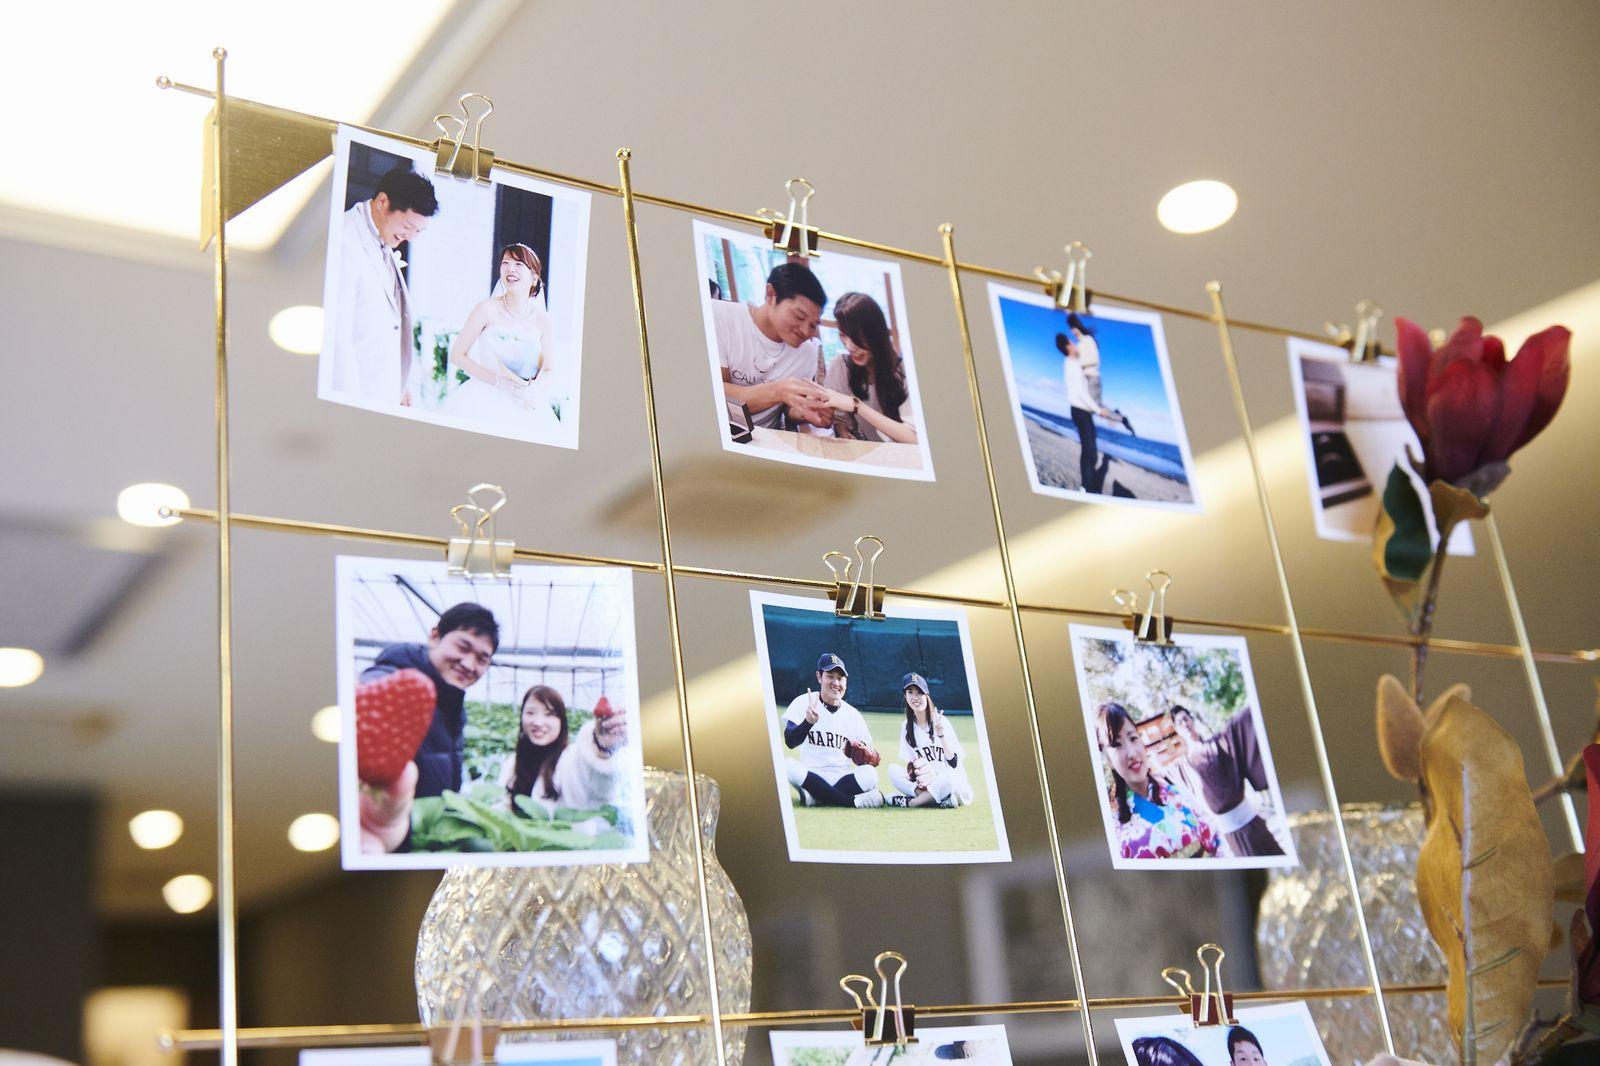 徳島市の結婚式場ブランアンジュで新郎新婦様の写真を使った受付飾り